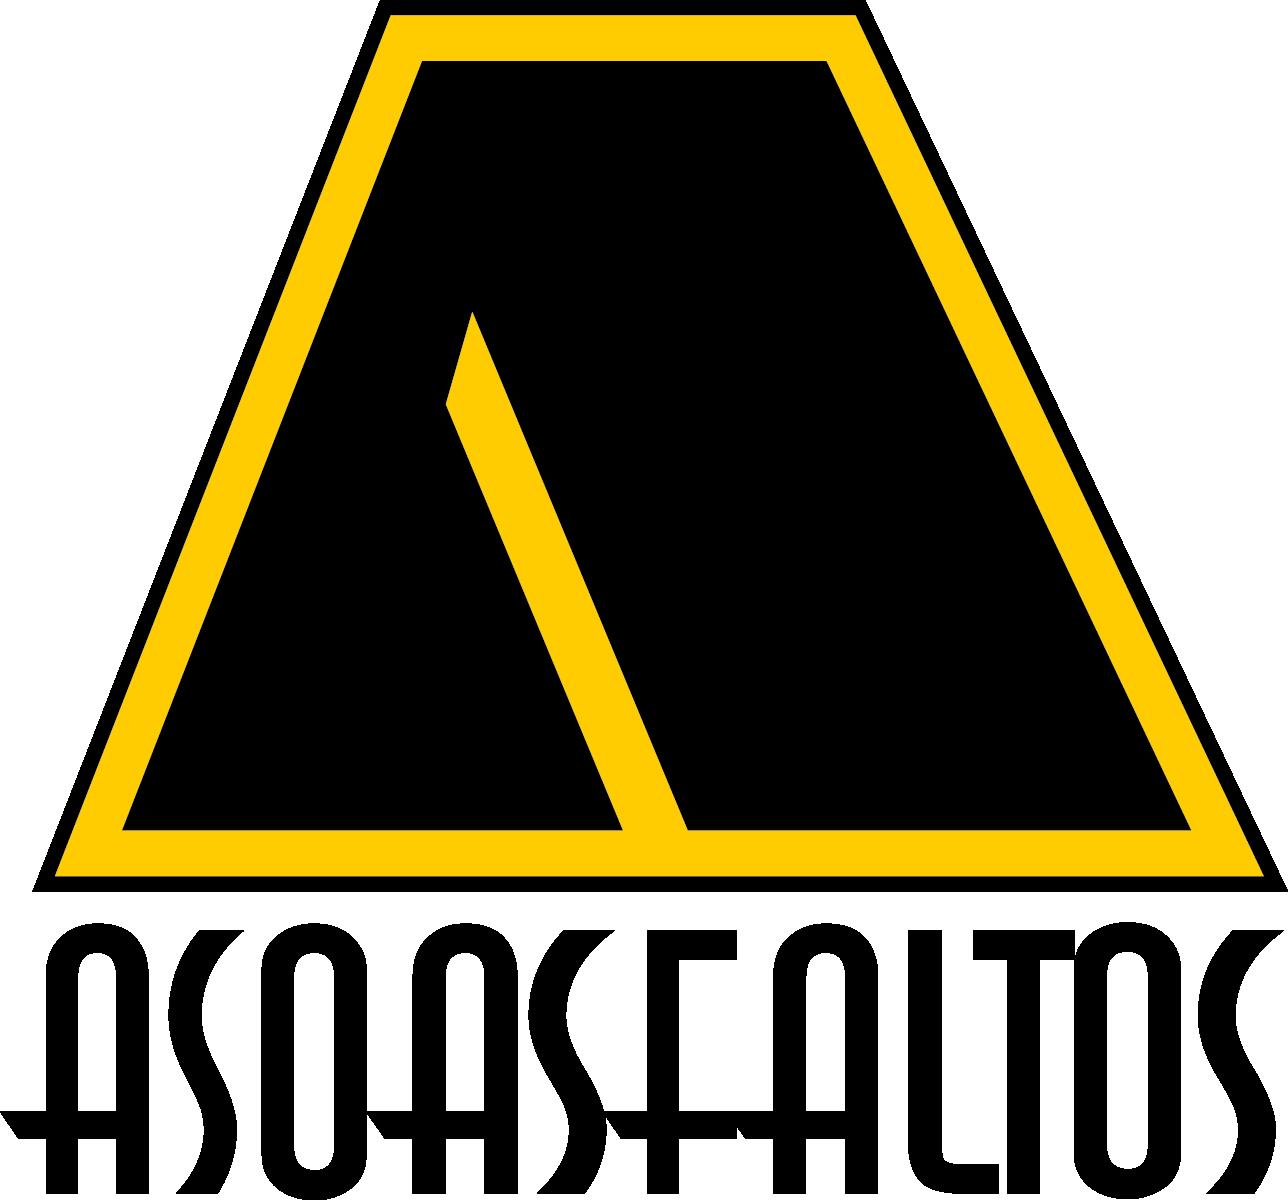 Asociación de Productores de Mezclas Asfálticas en Caliente